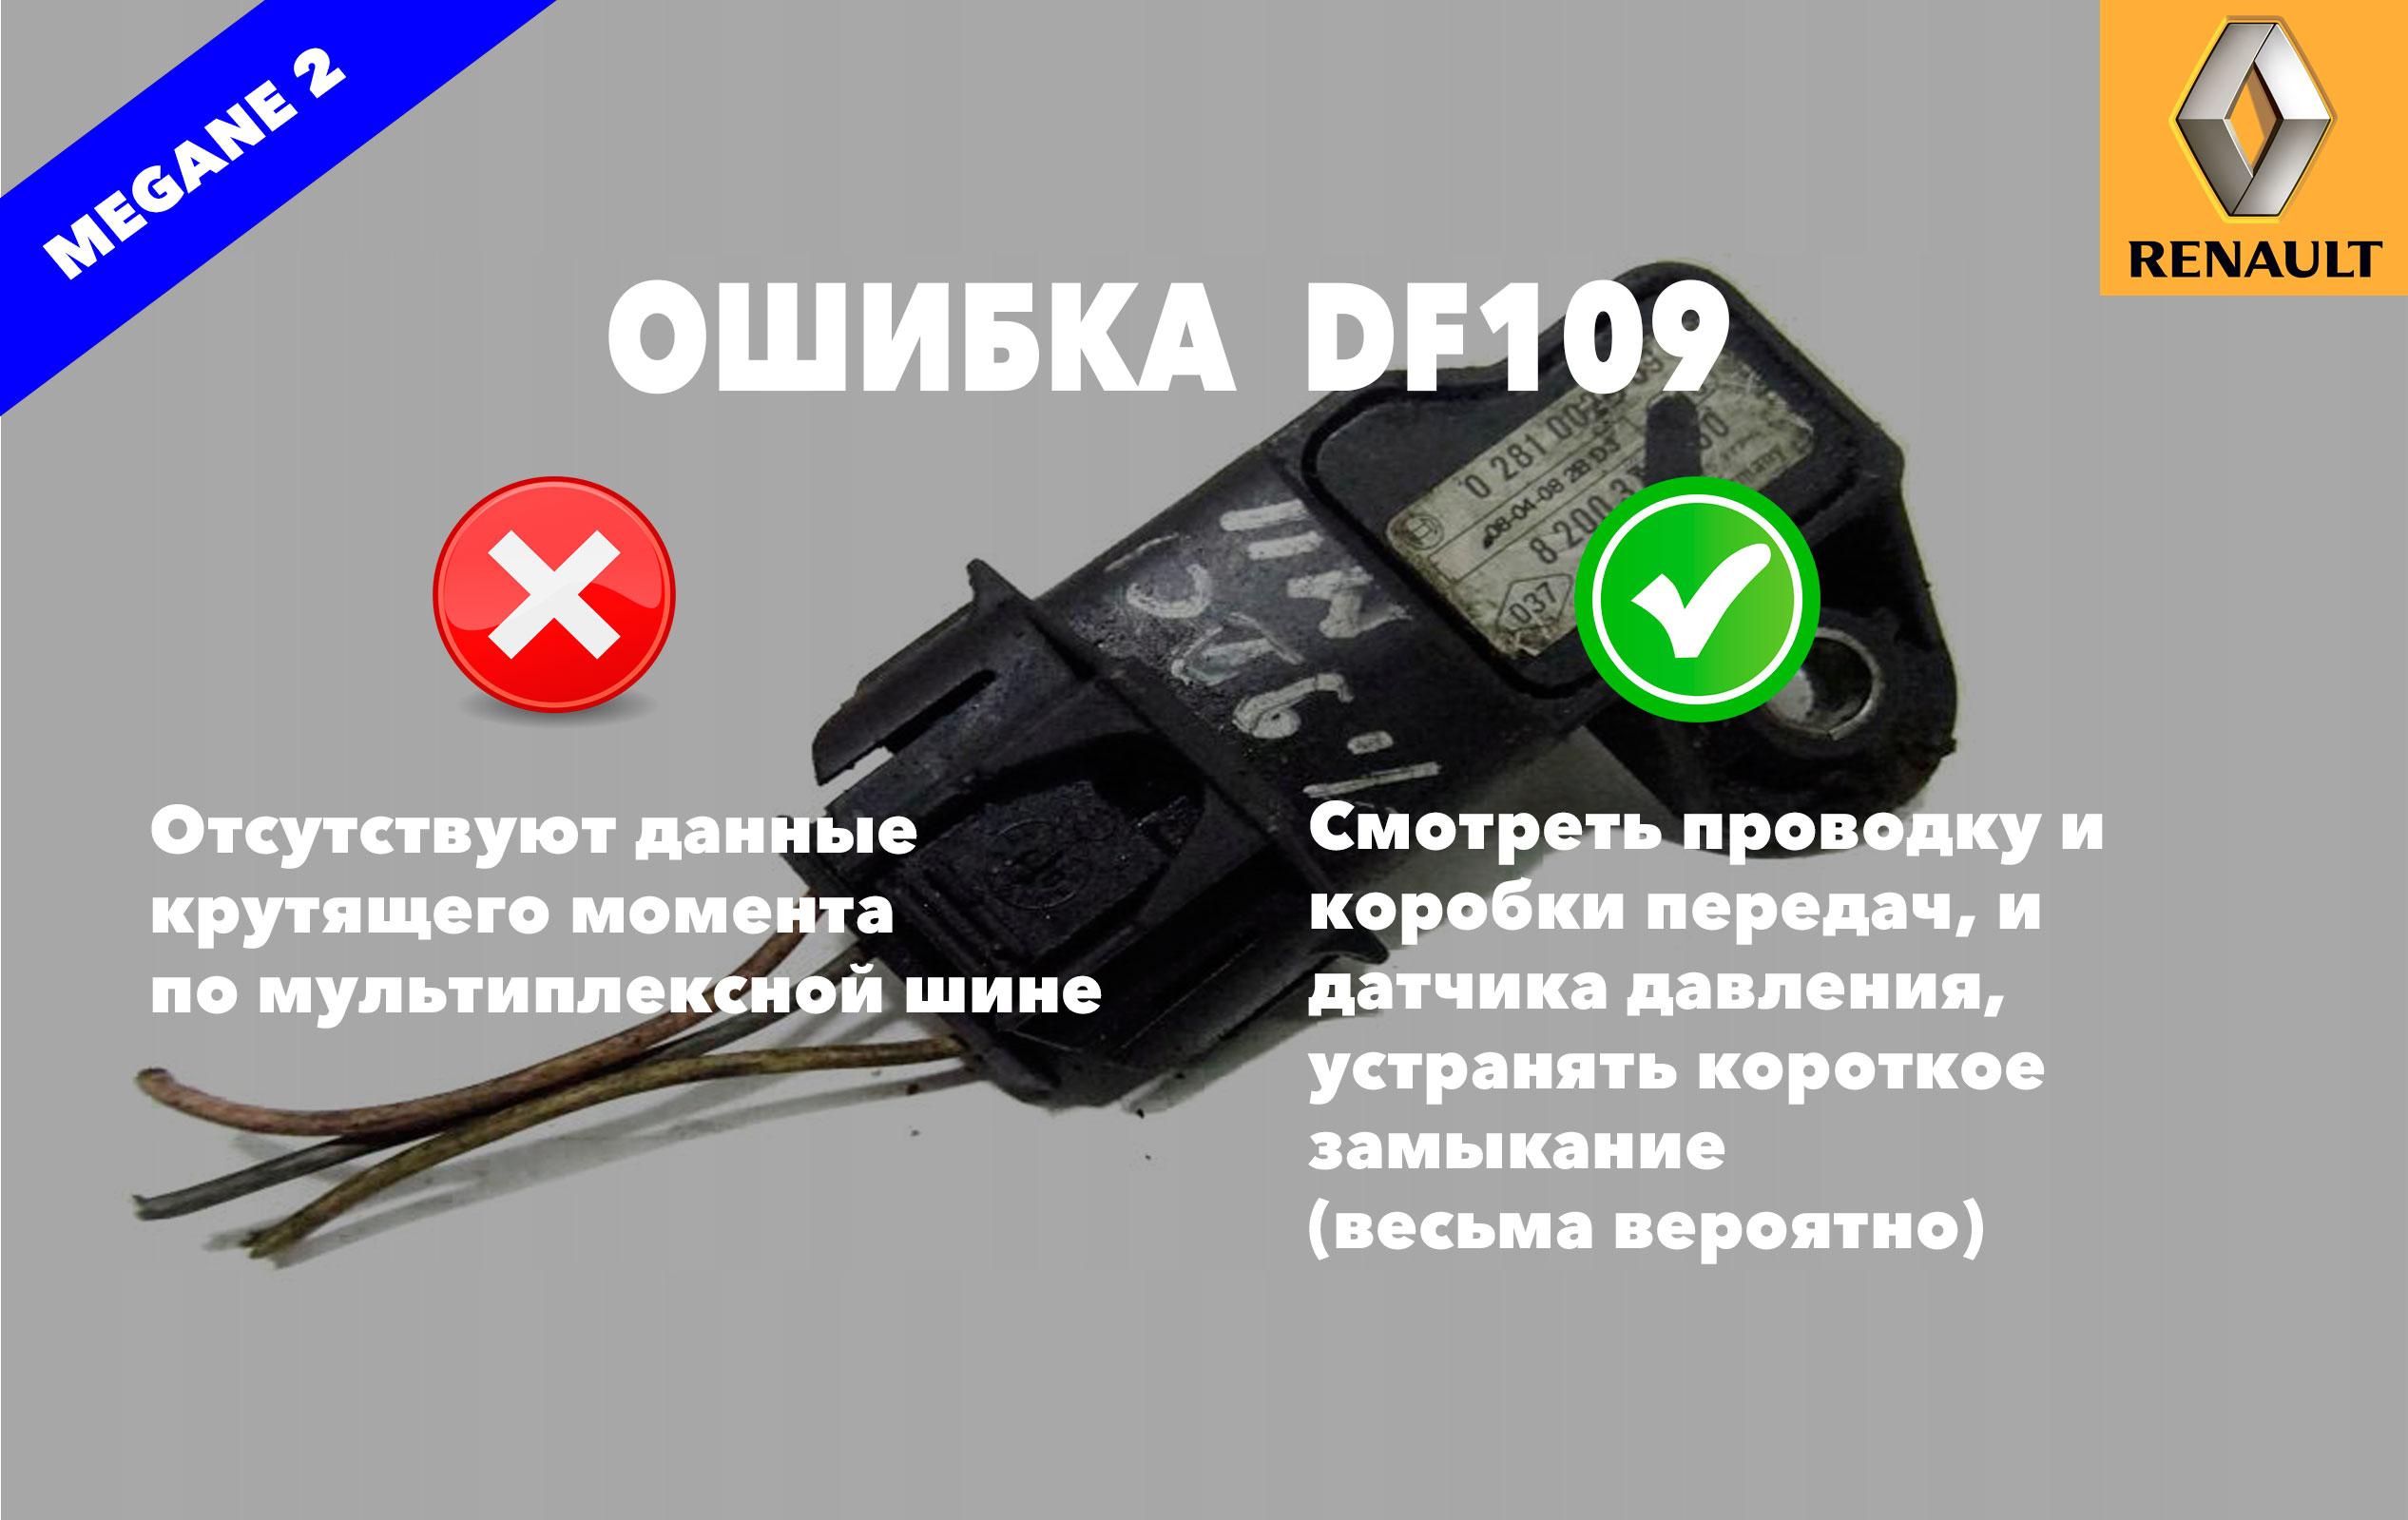 Рено Меган 2 код ошибки DF109 – отсутствуют данные крутящего момента по мультиплексной шине